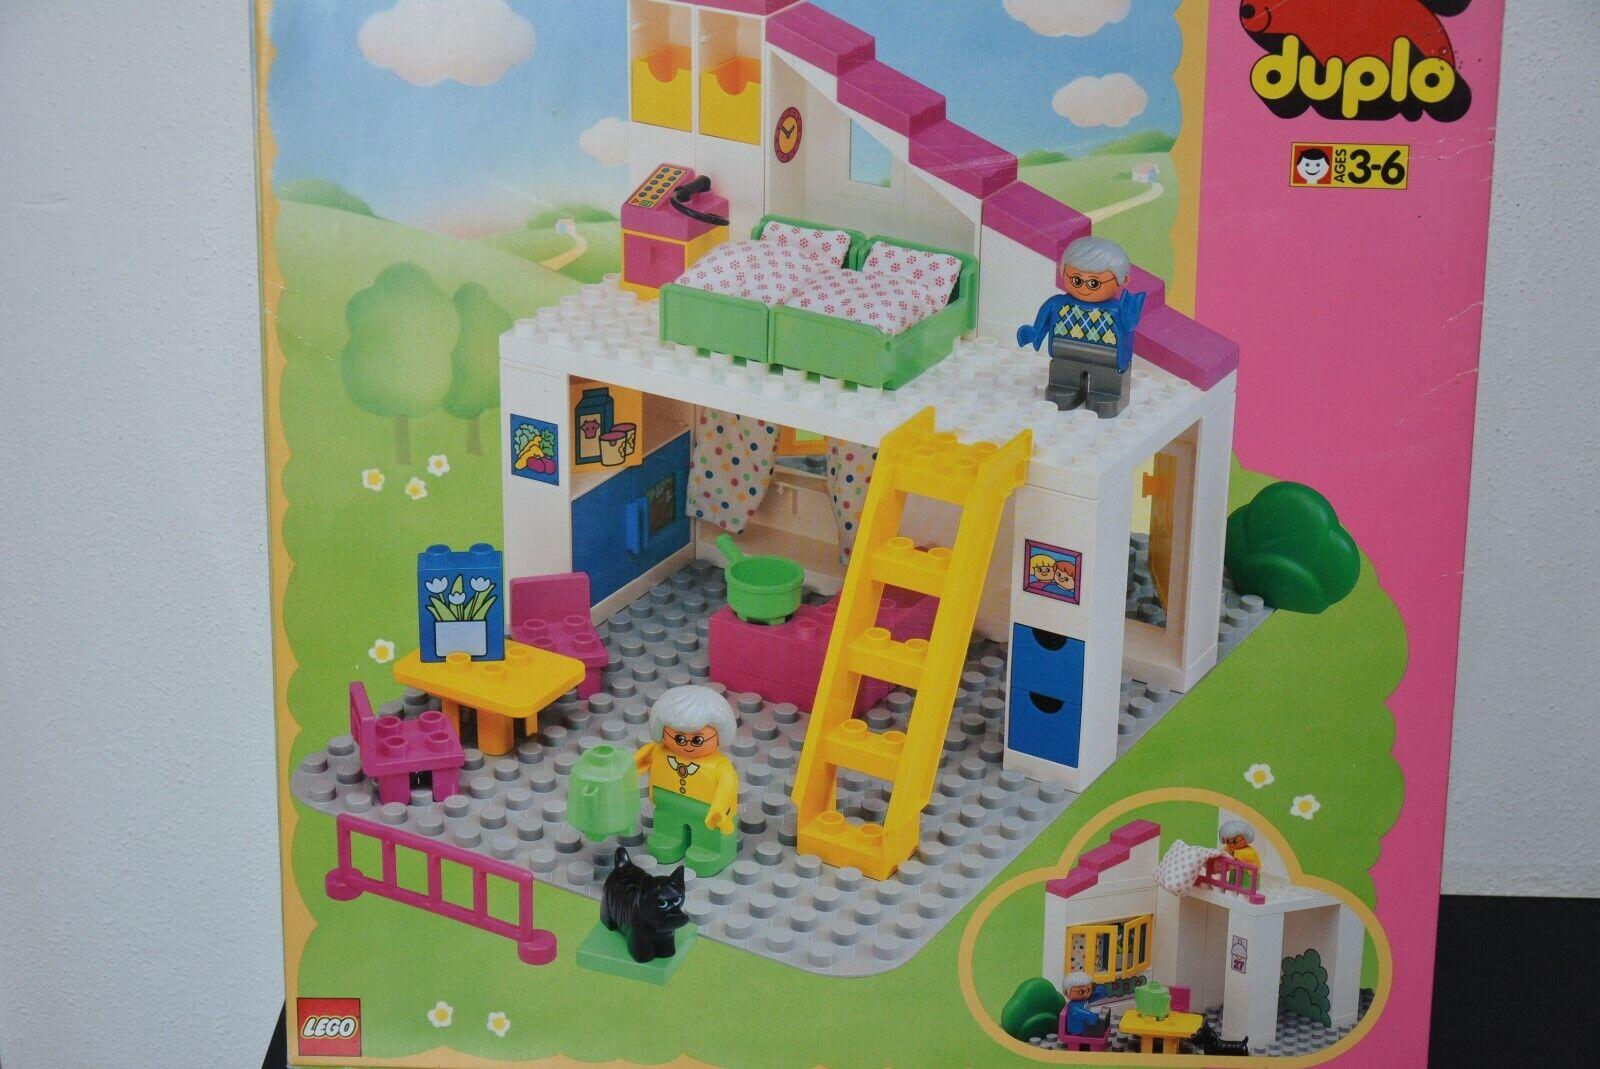 LEGO® DUPLO - 2792 - altes Dollnhaus - vollständig + OVP alles original selten